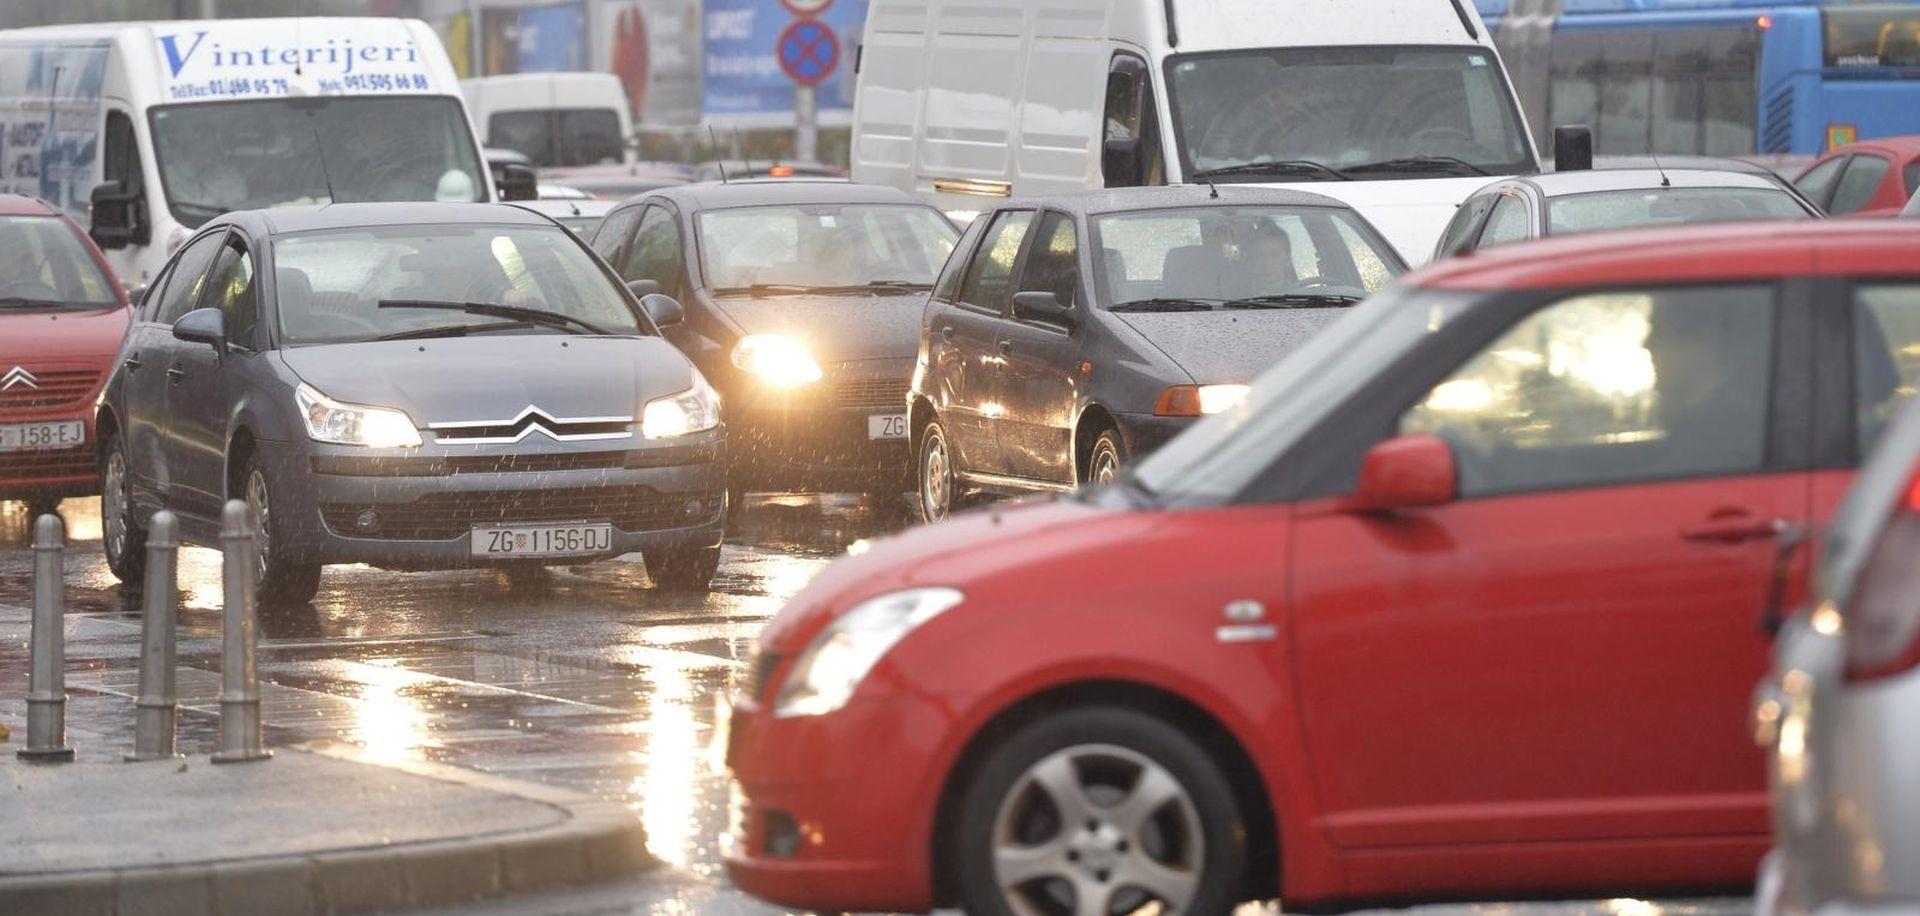 KIŠA I RADOVI Velike gužve na zagrebačkim cestama